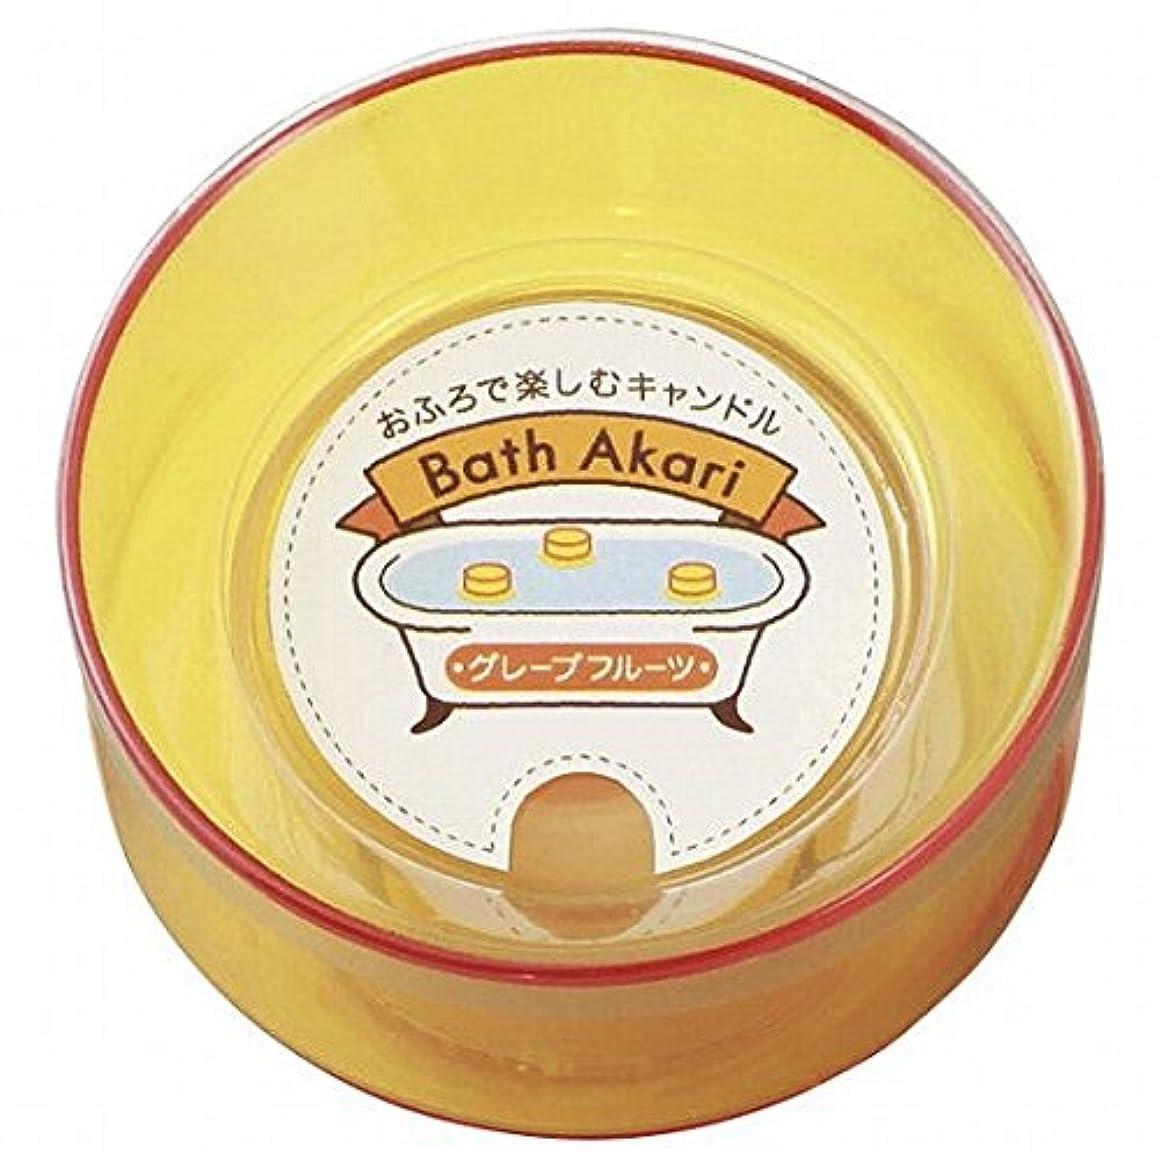 広告主テニススーパーマーケットkameyama candle(カメヤマキャンドル) バスあかり (水に浮く?お風呂キャンドル) 「グレープフルーツ」 12個入り(A8220510GF)